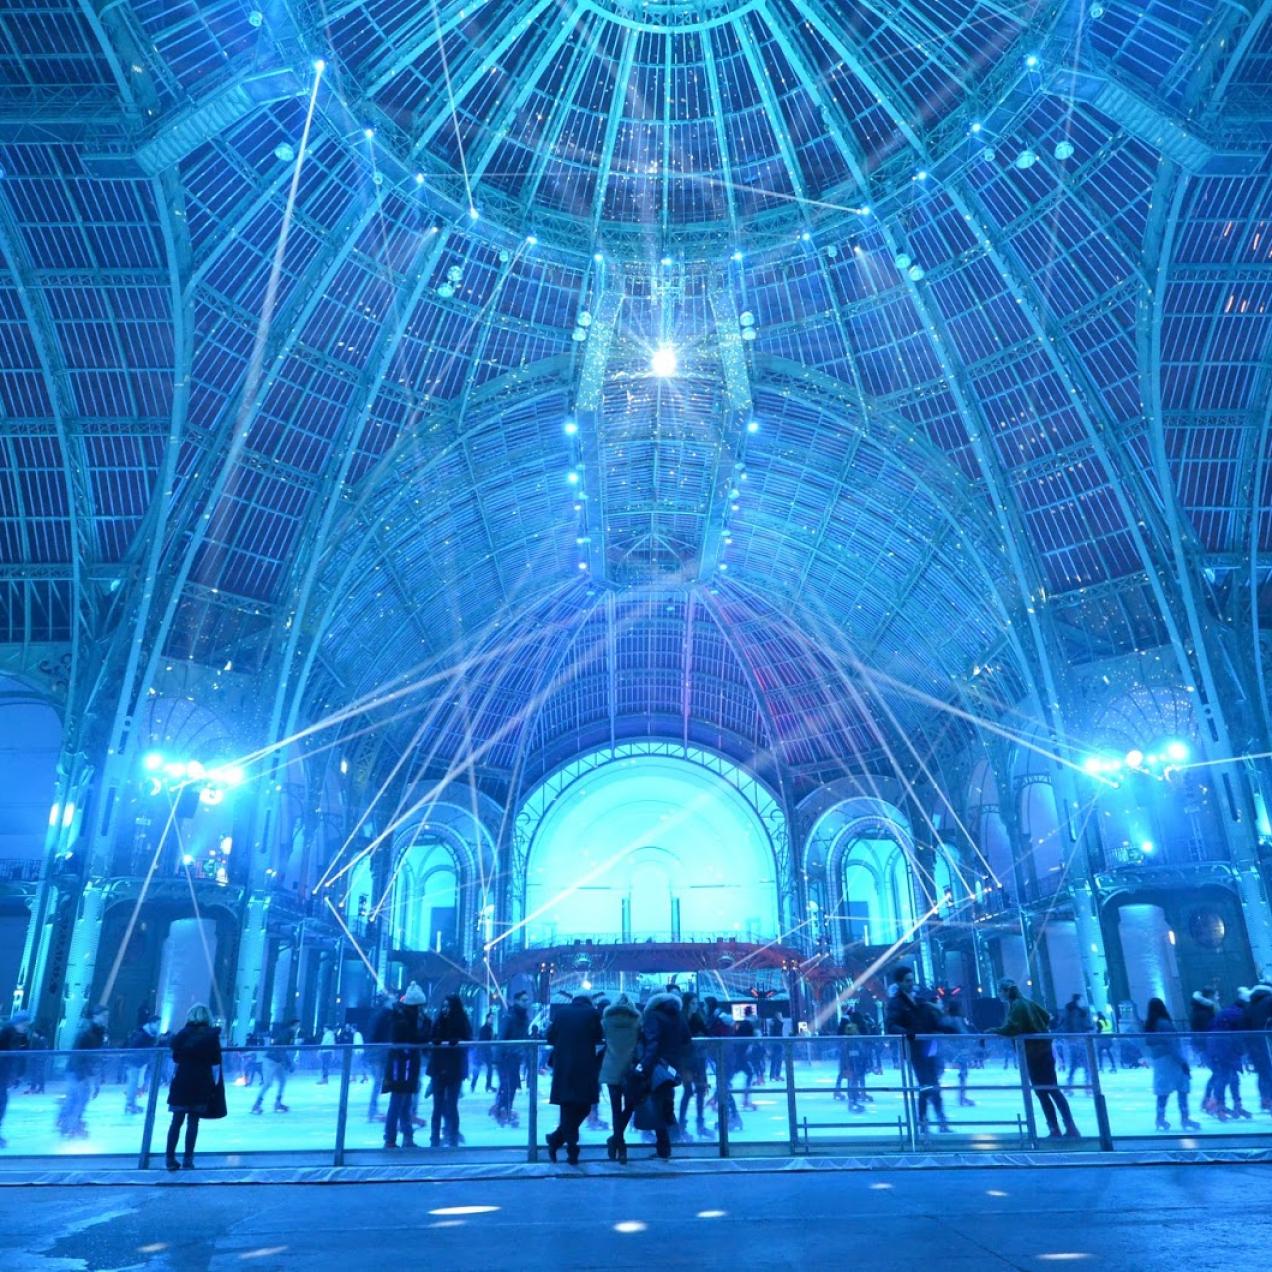 La plus grande patinoire indoor au monde est de retour au Grand Palais